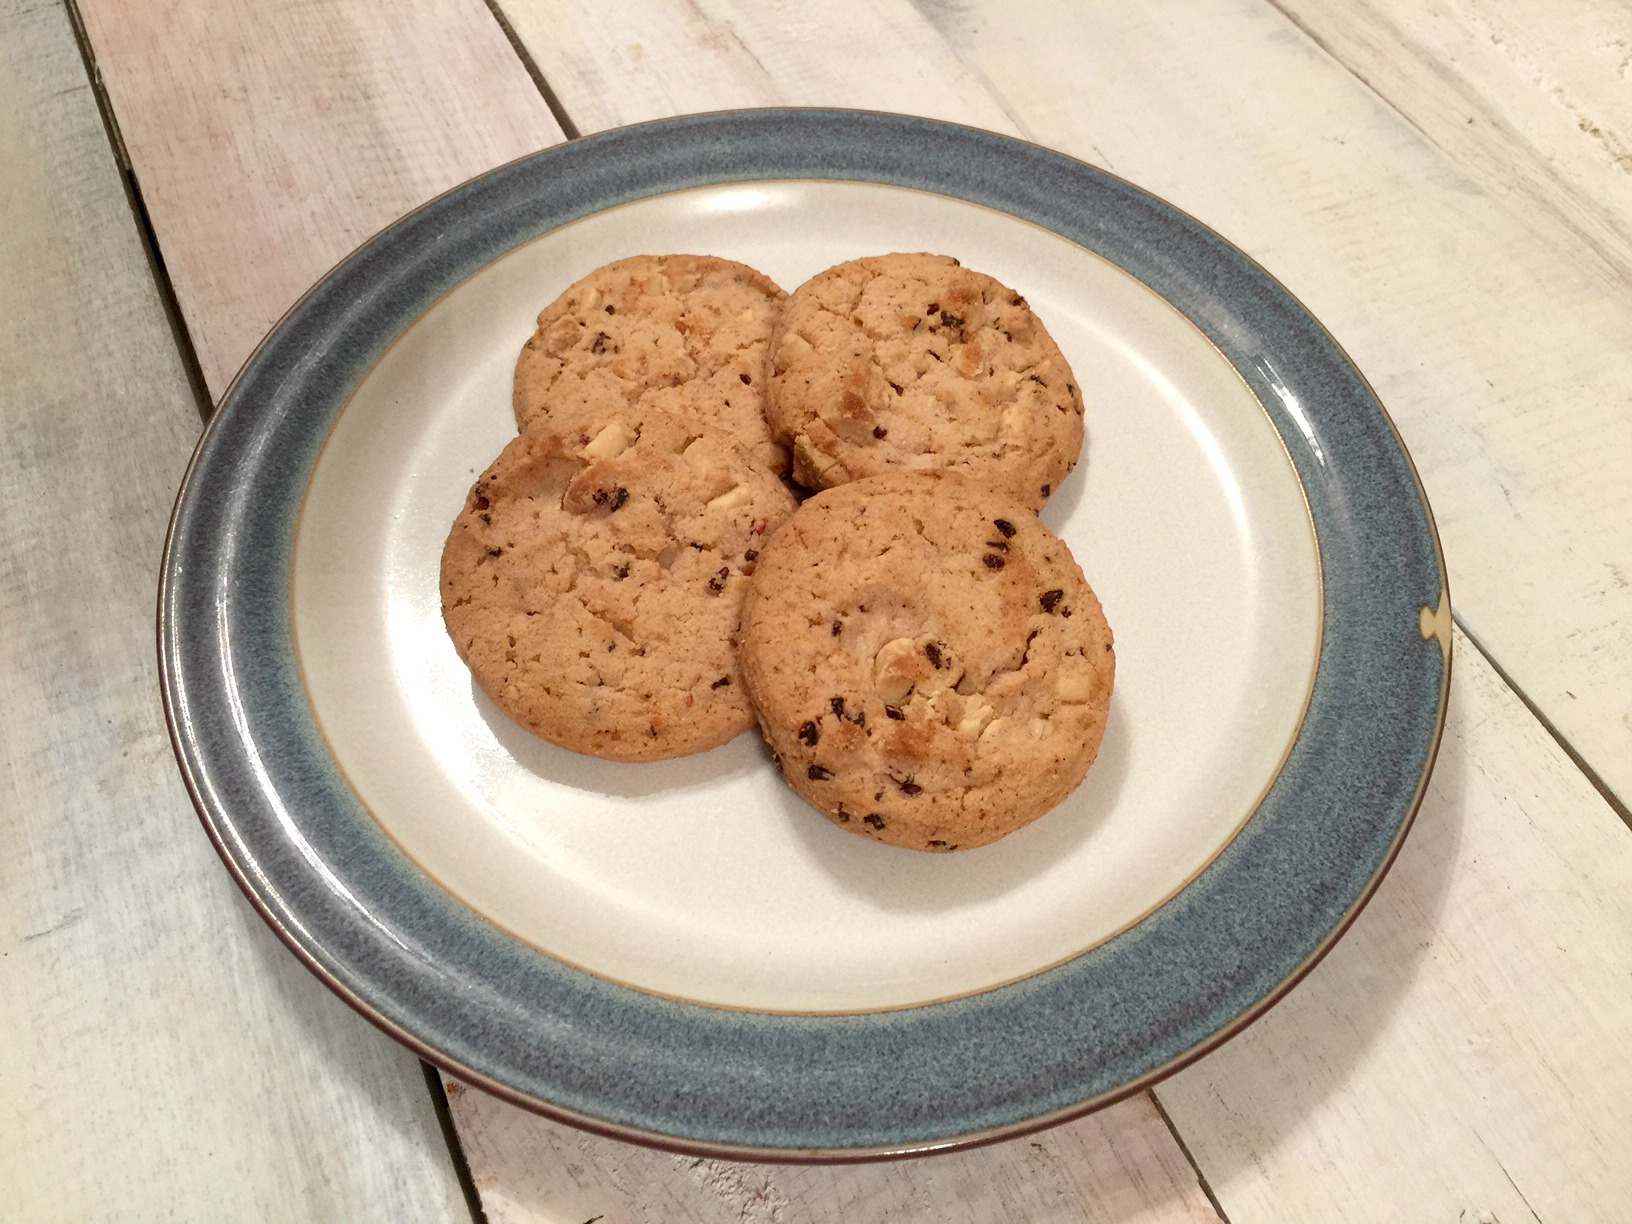 Freezer Cookies